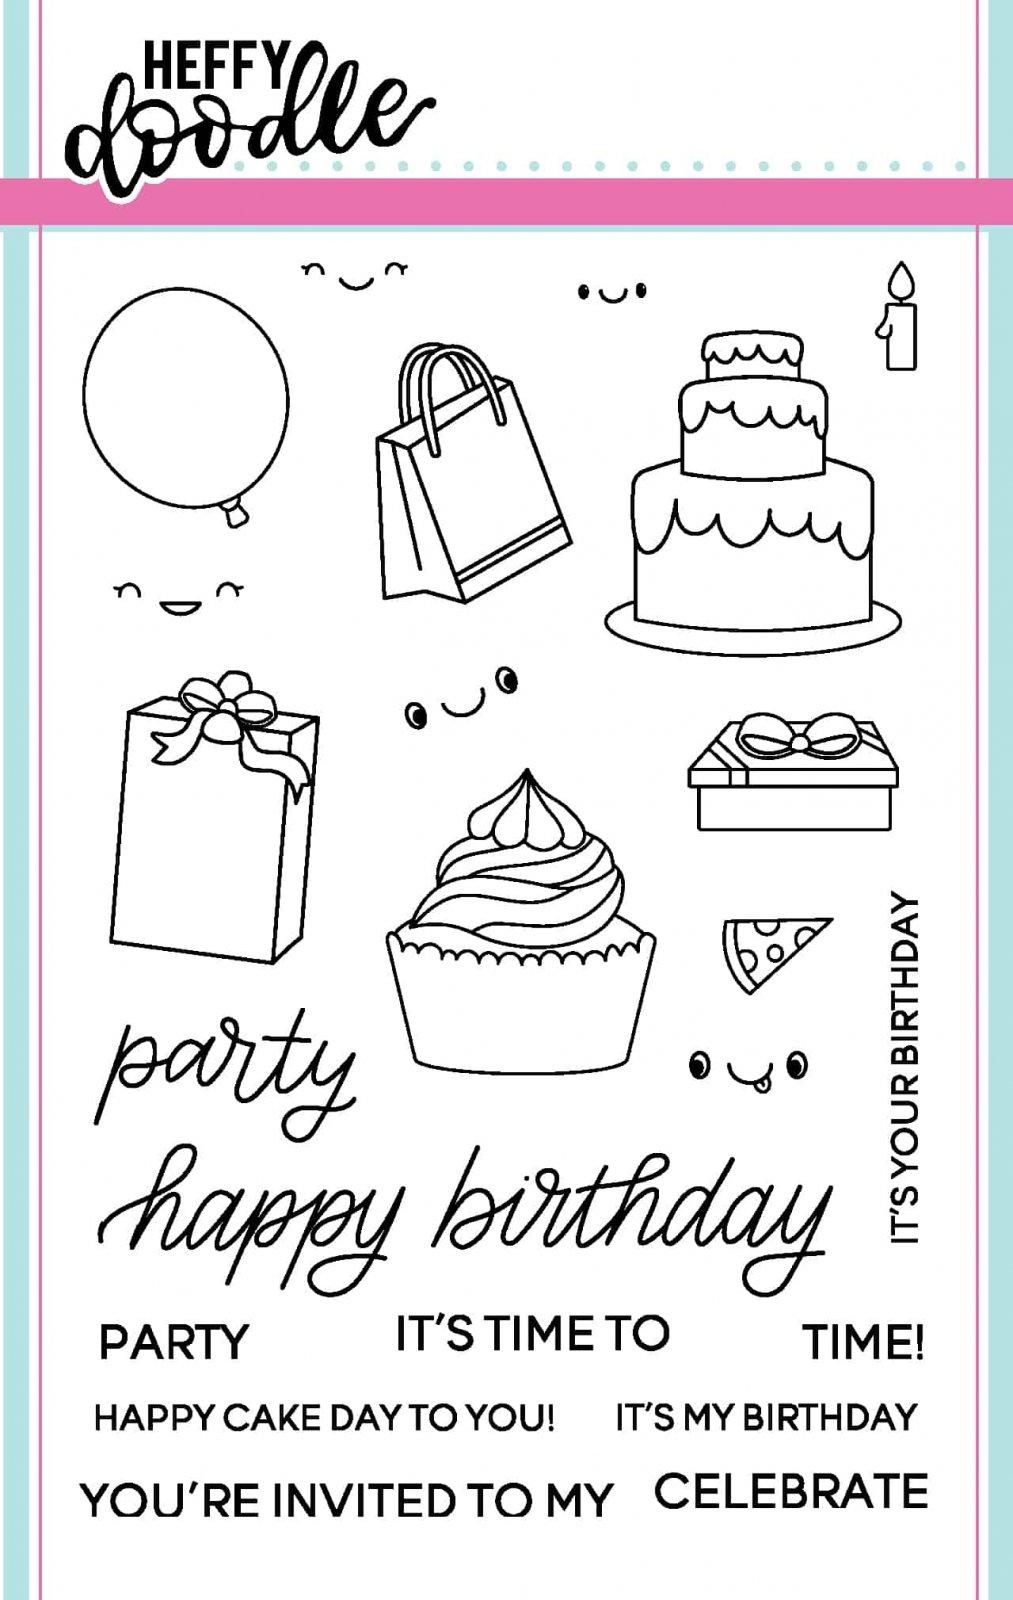 Heffy Doodle Party Palooza Stamp